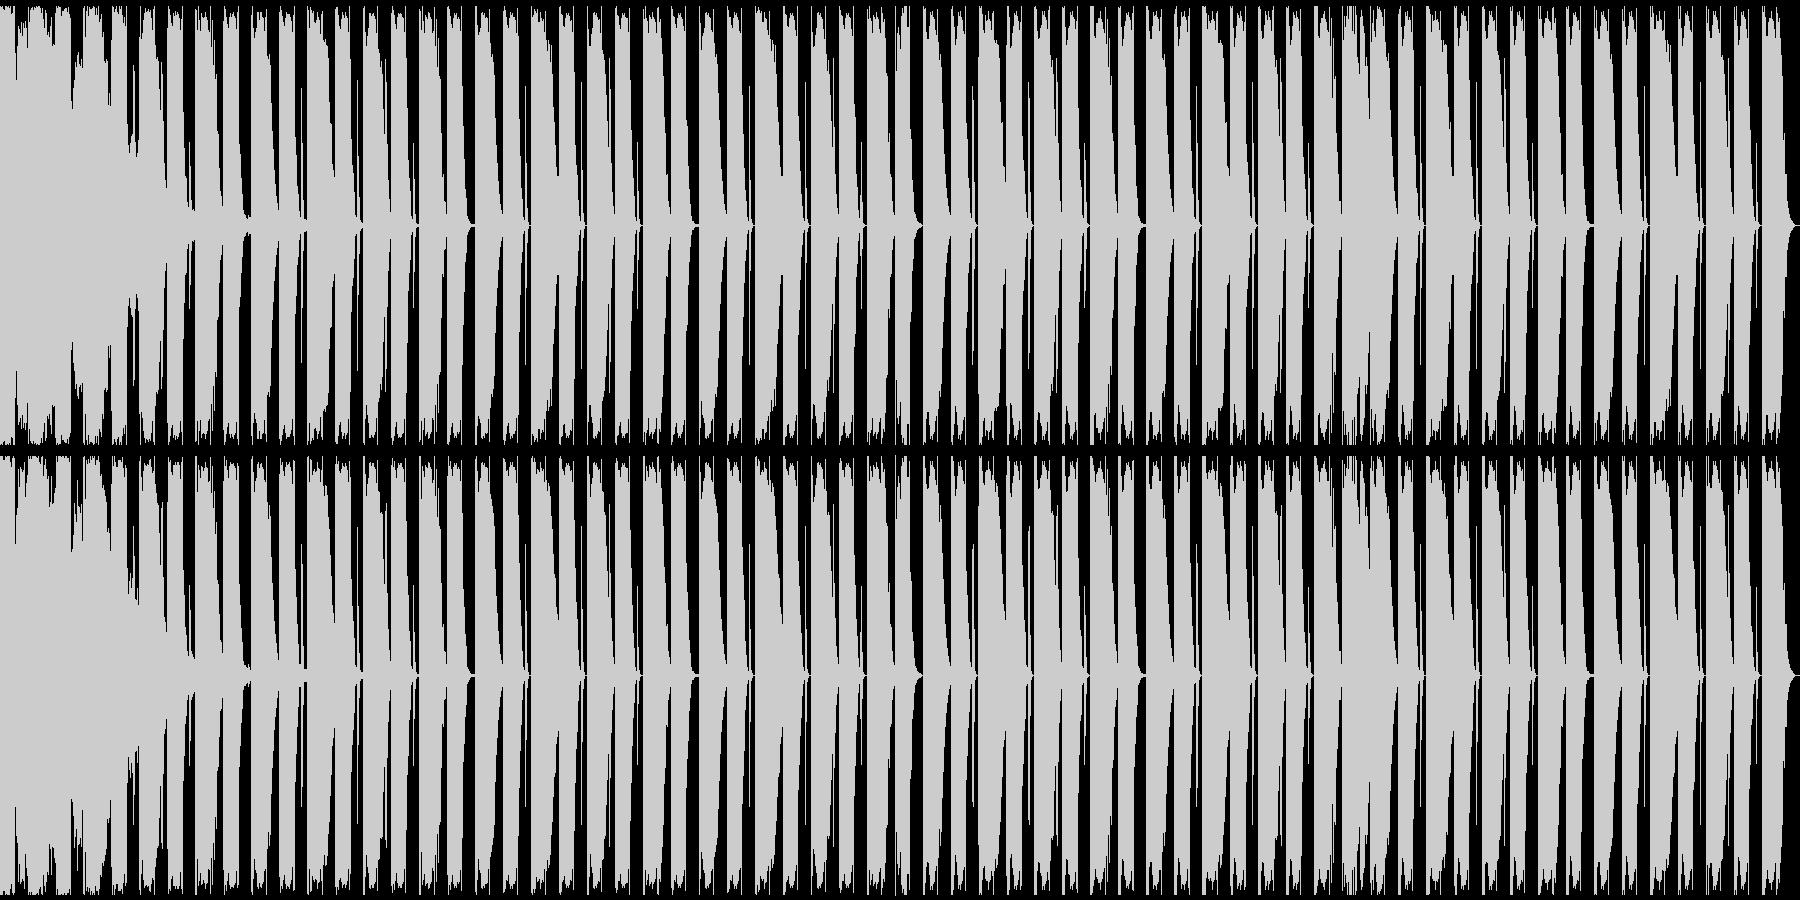 【エレクトロニカ】ロング2、ミディアム1の未再生の波形